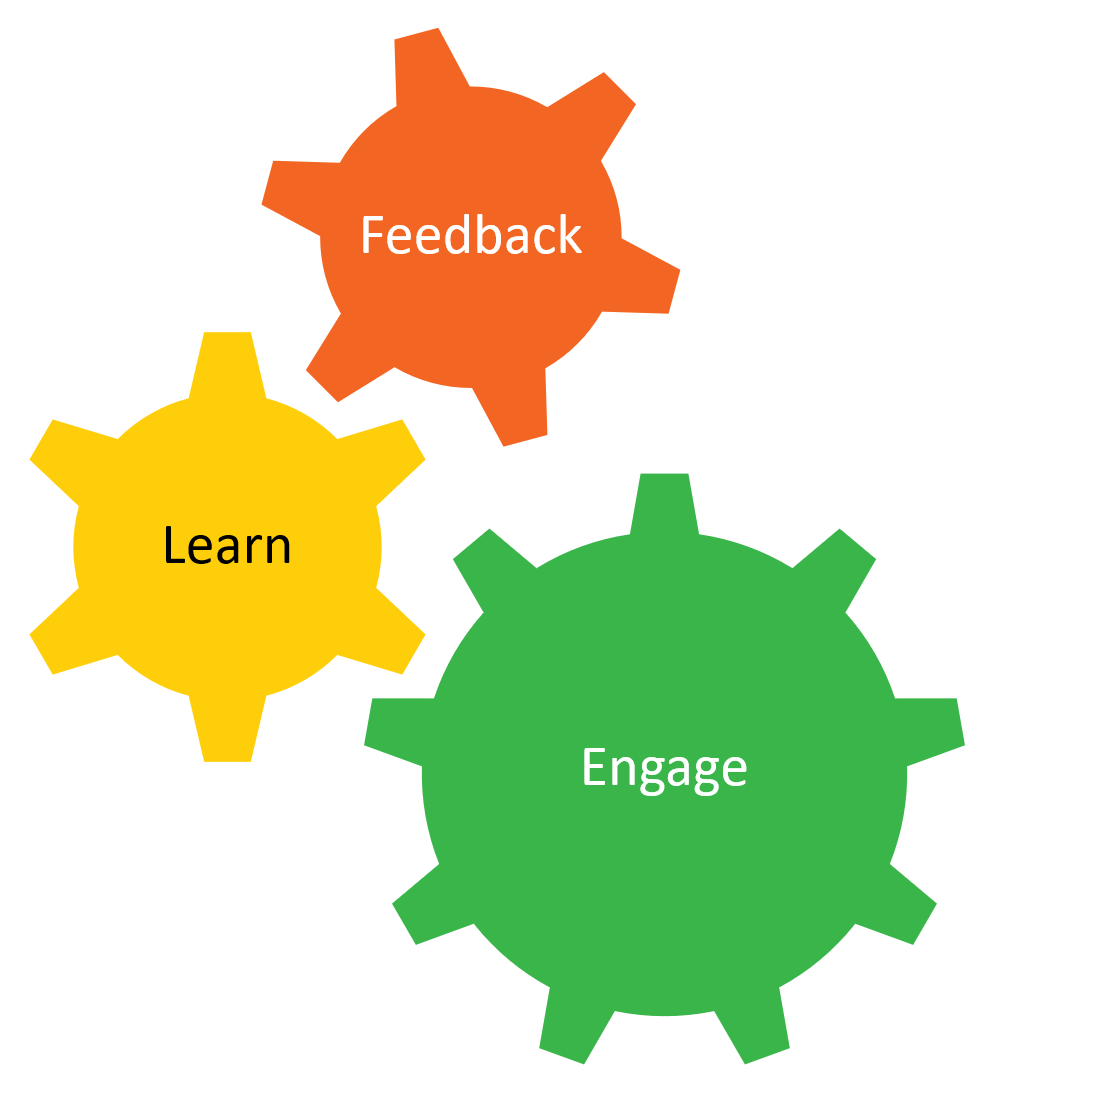 Leerzame feedback zorgt voor een goede candidate experience